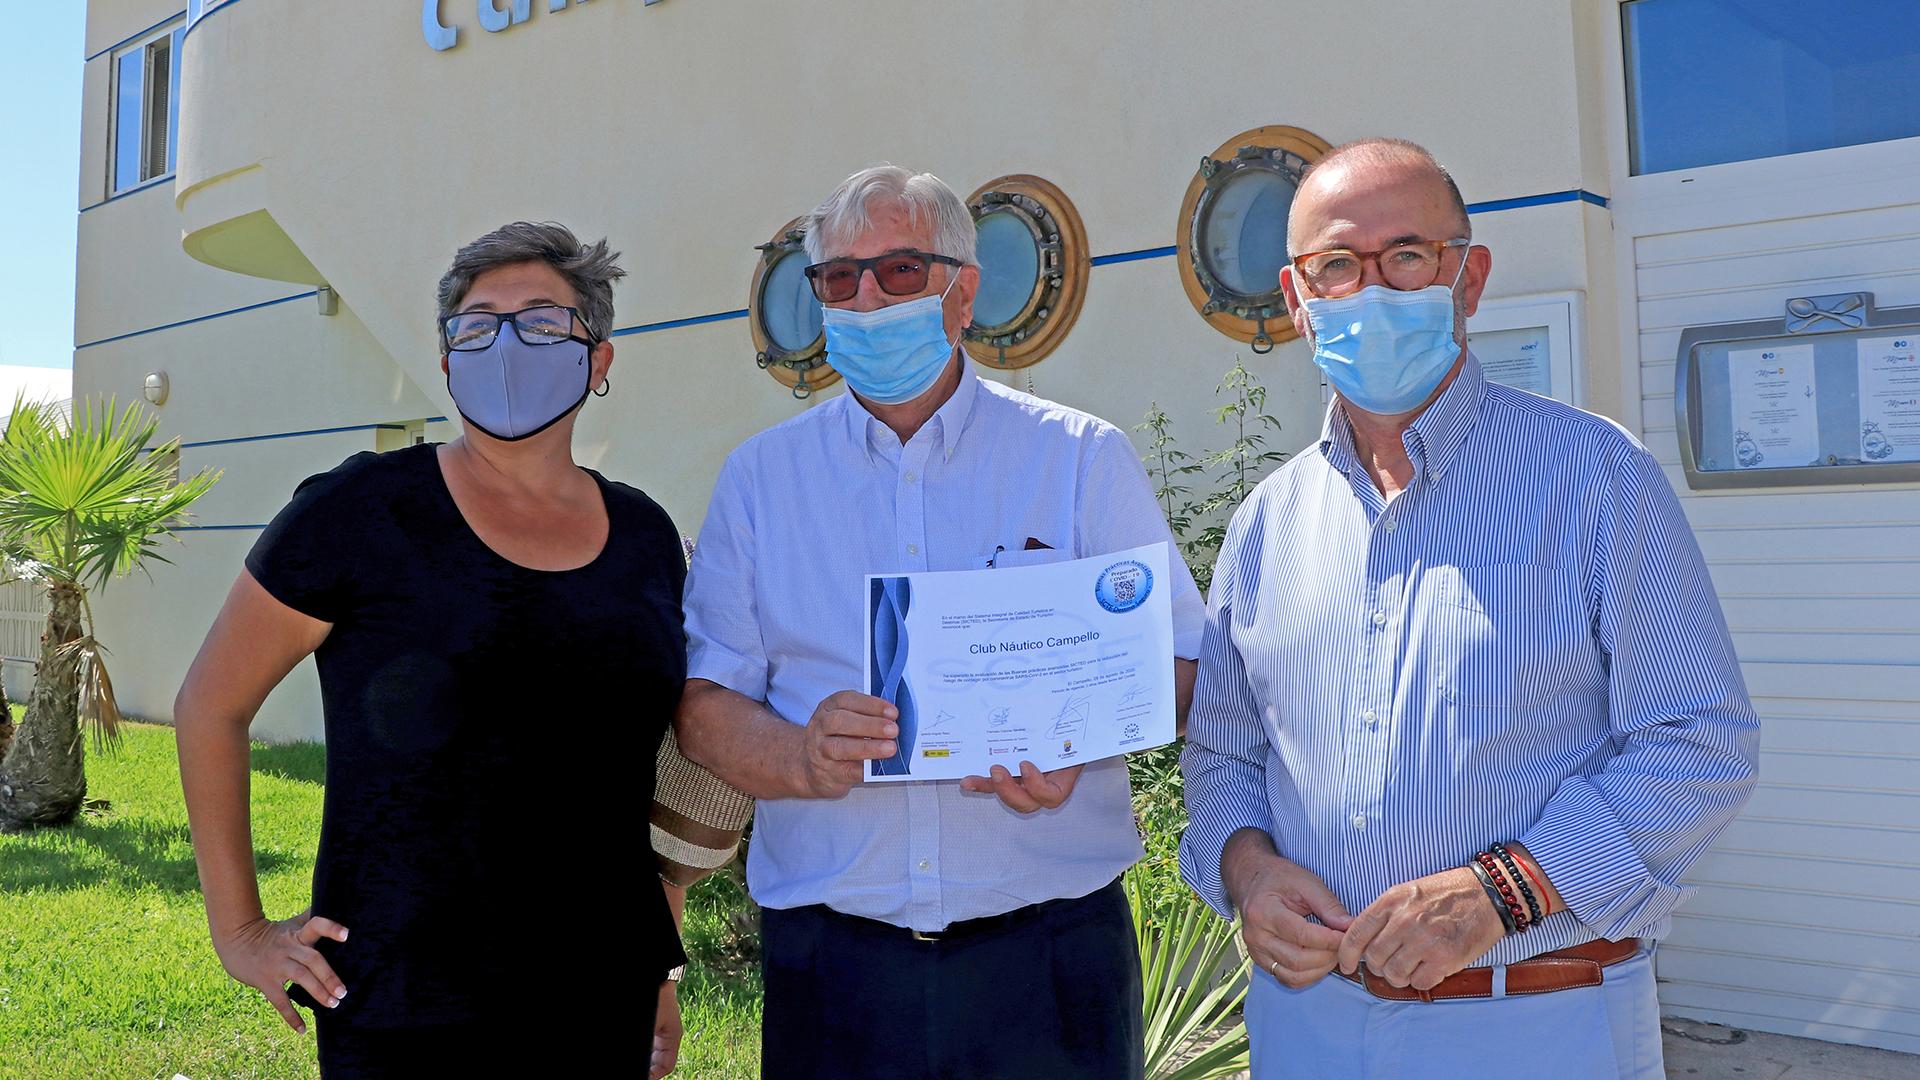 Sello SICTED - COVID19 Club Náutico Campello